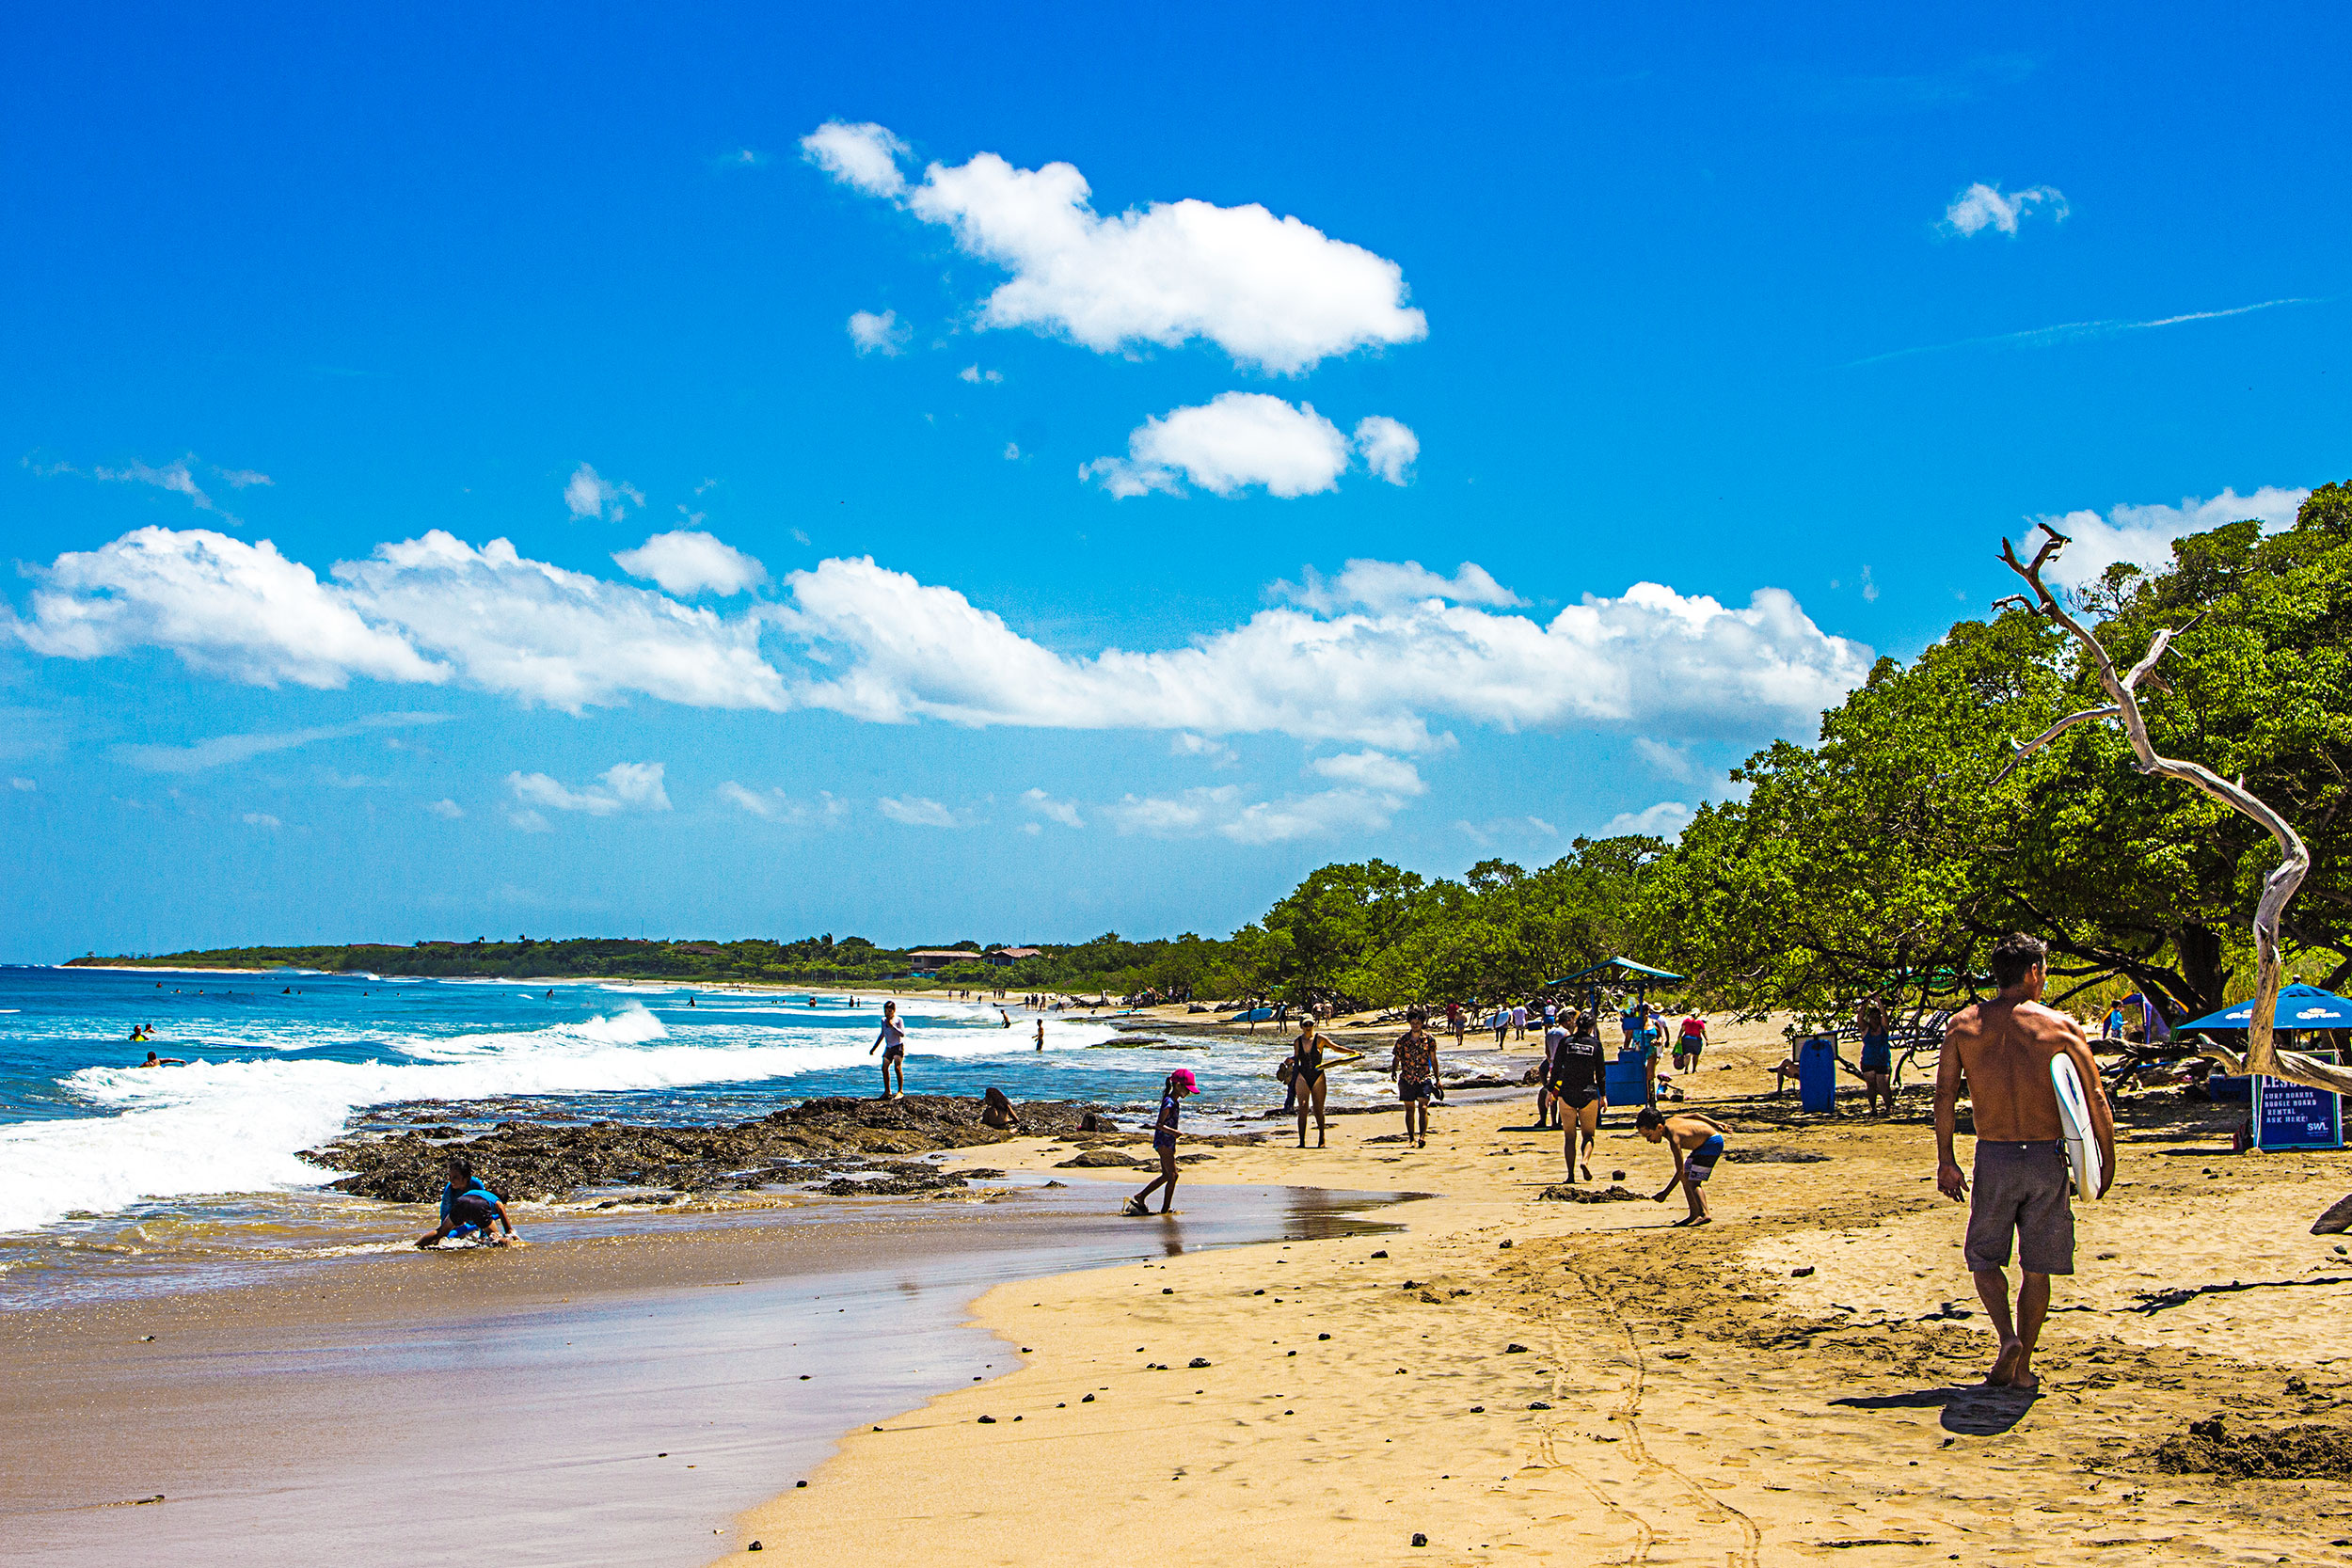 Playa-Avellana-Beach.jpg